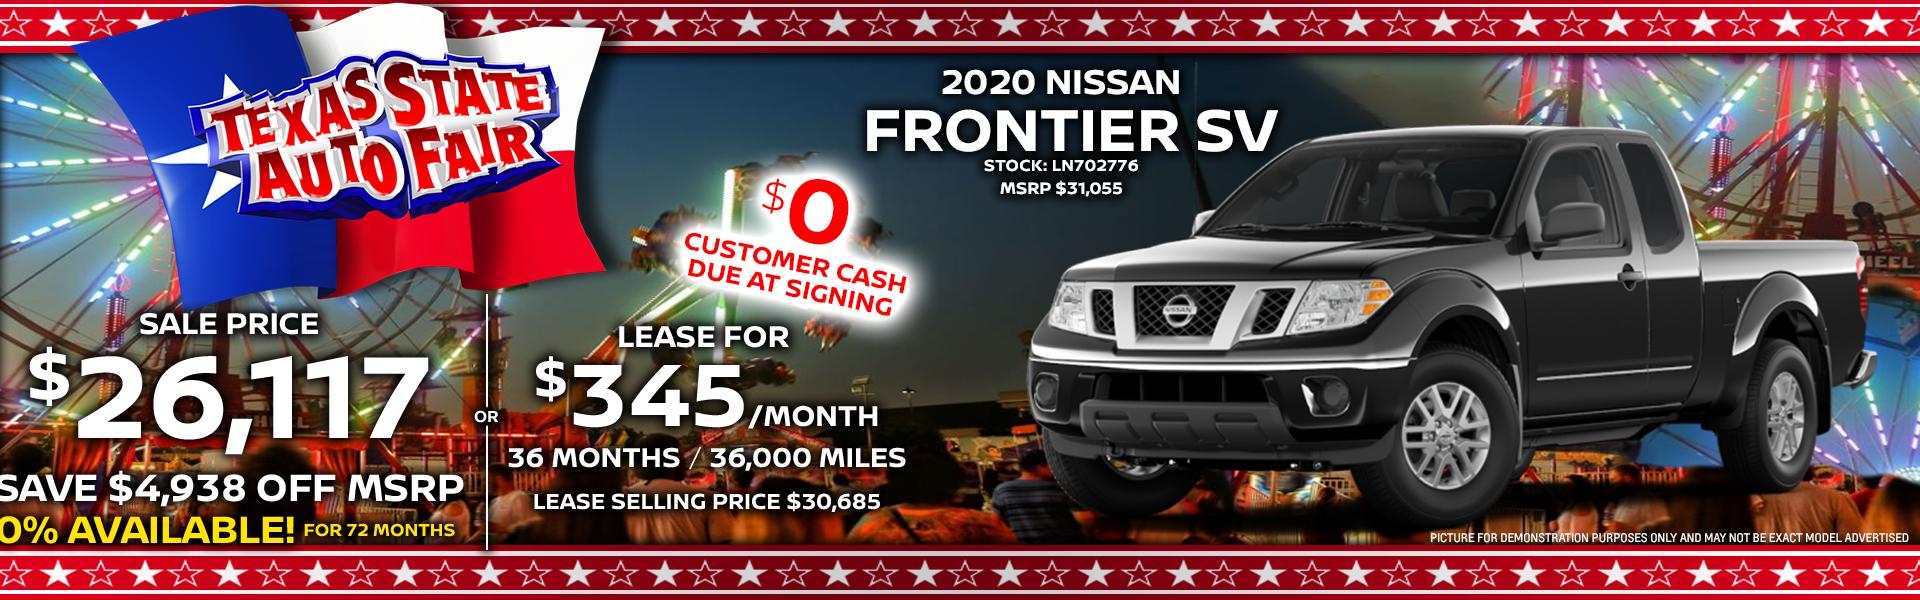 new-NisLew-Frontier-1920×600